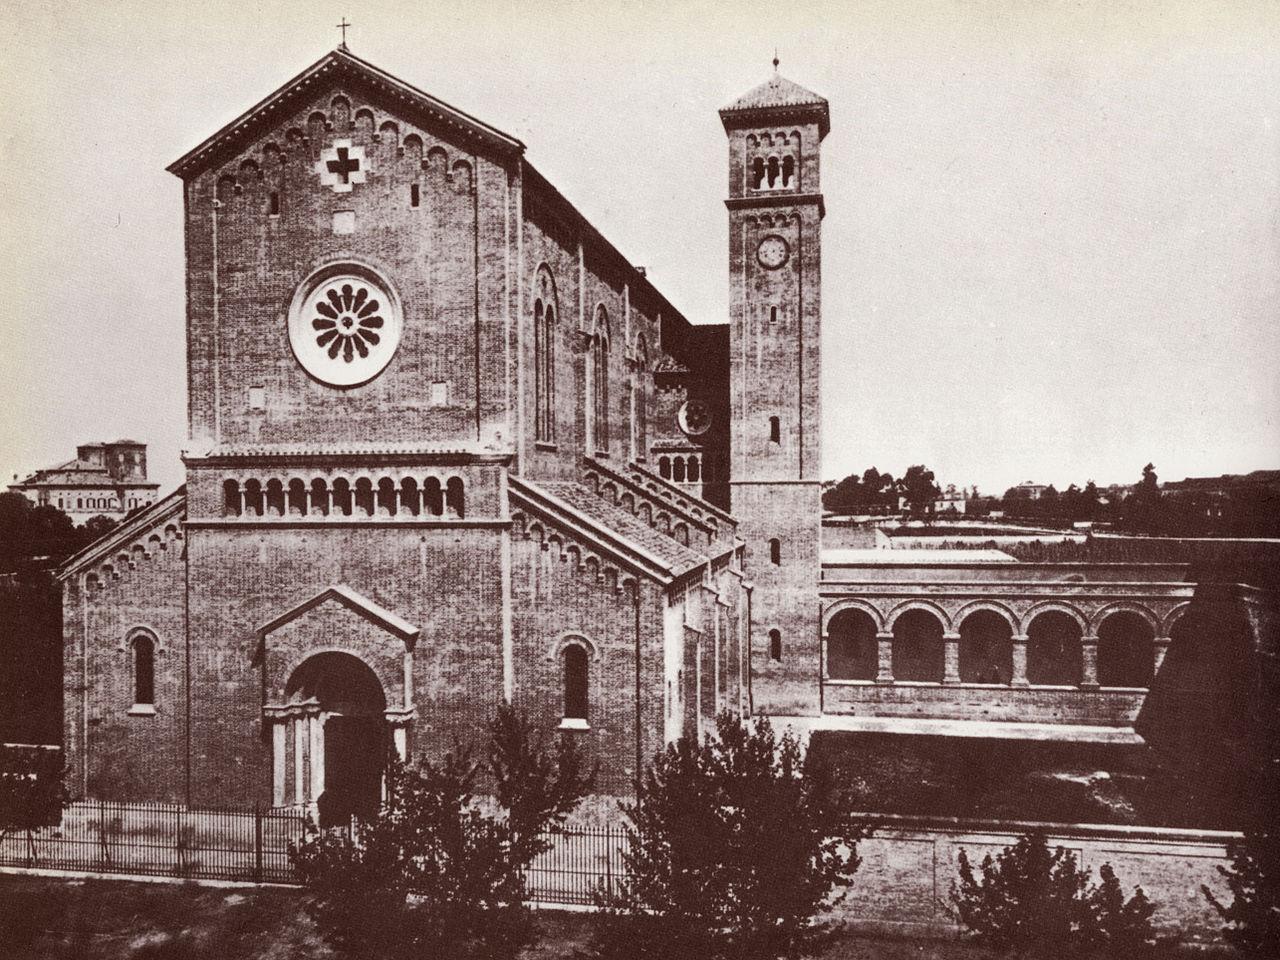 chiesa santa teresa d'avila 1